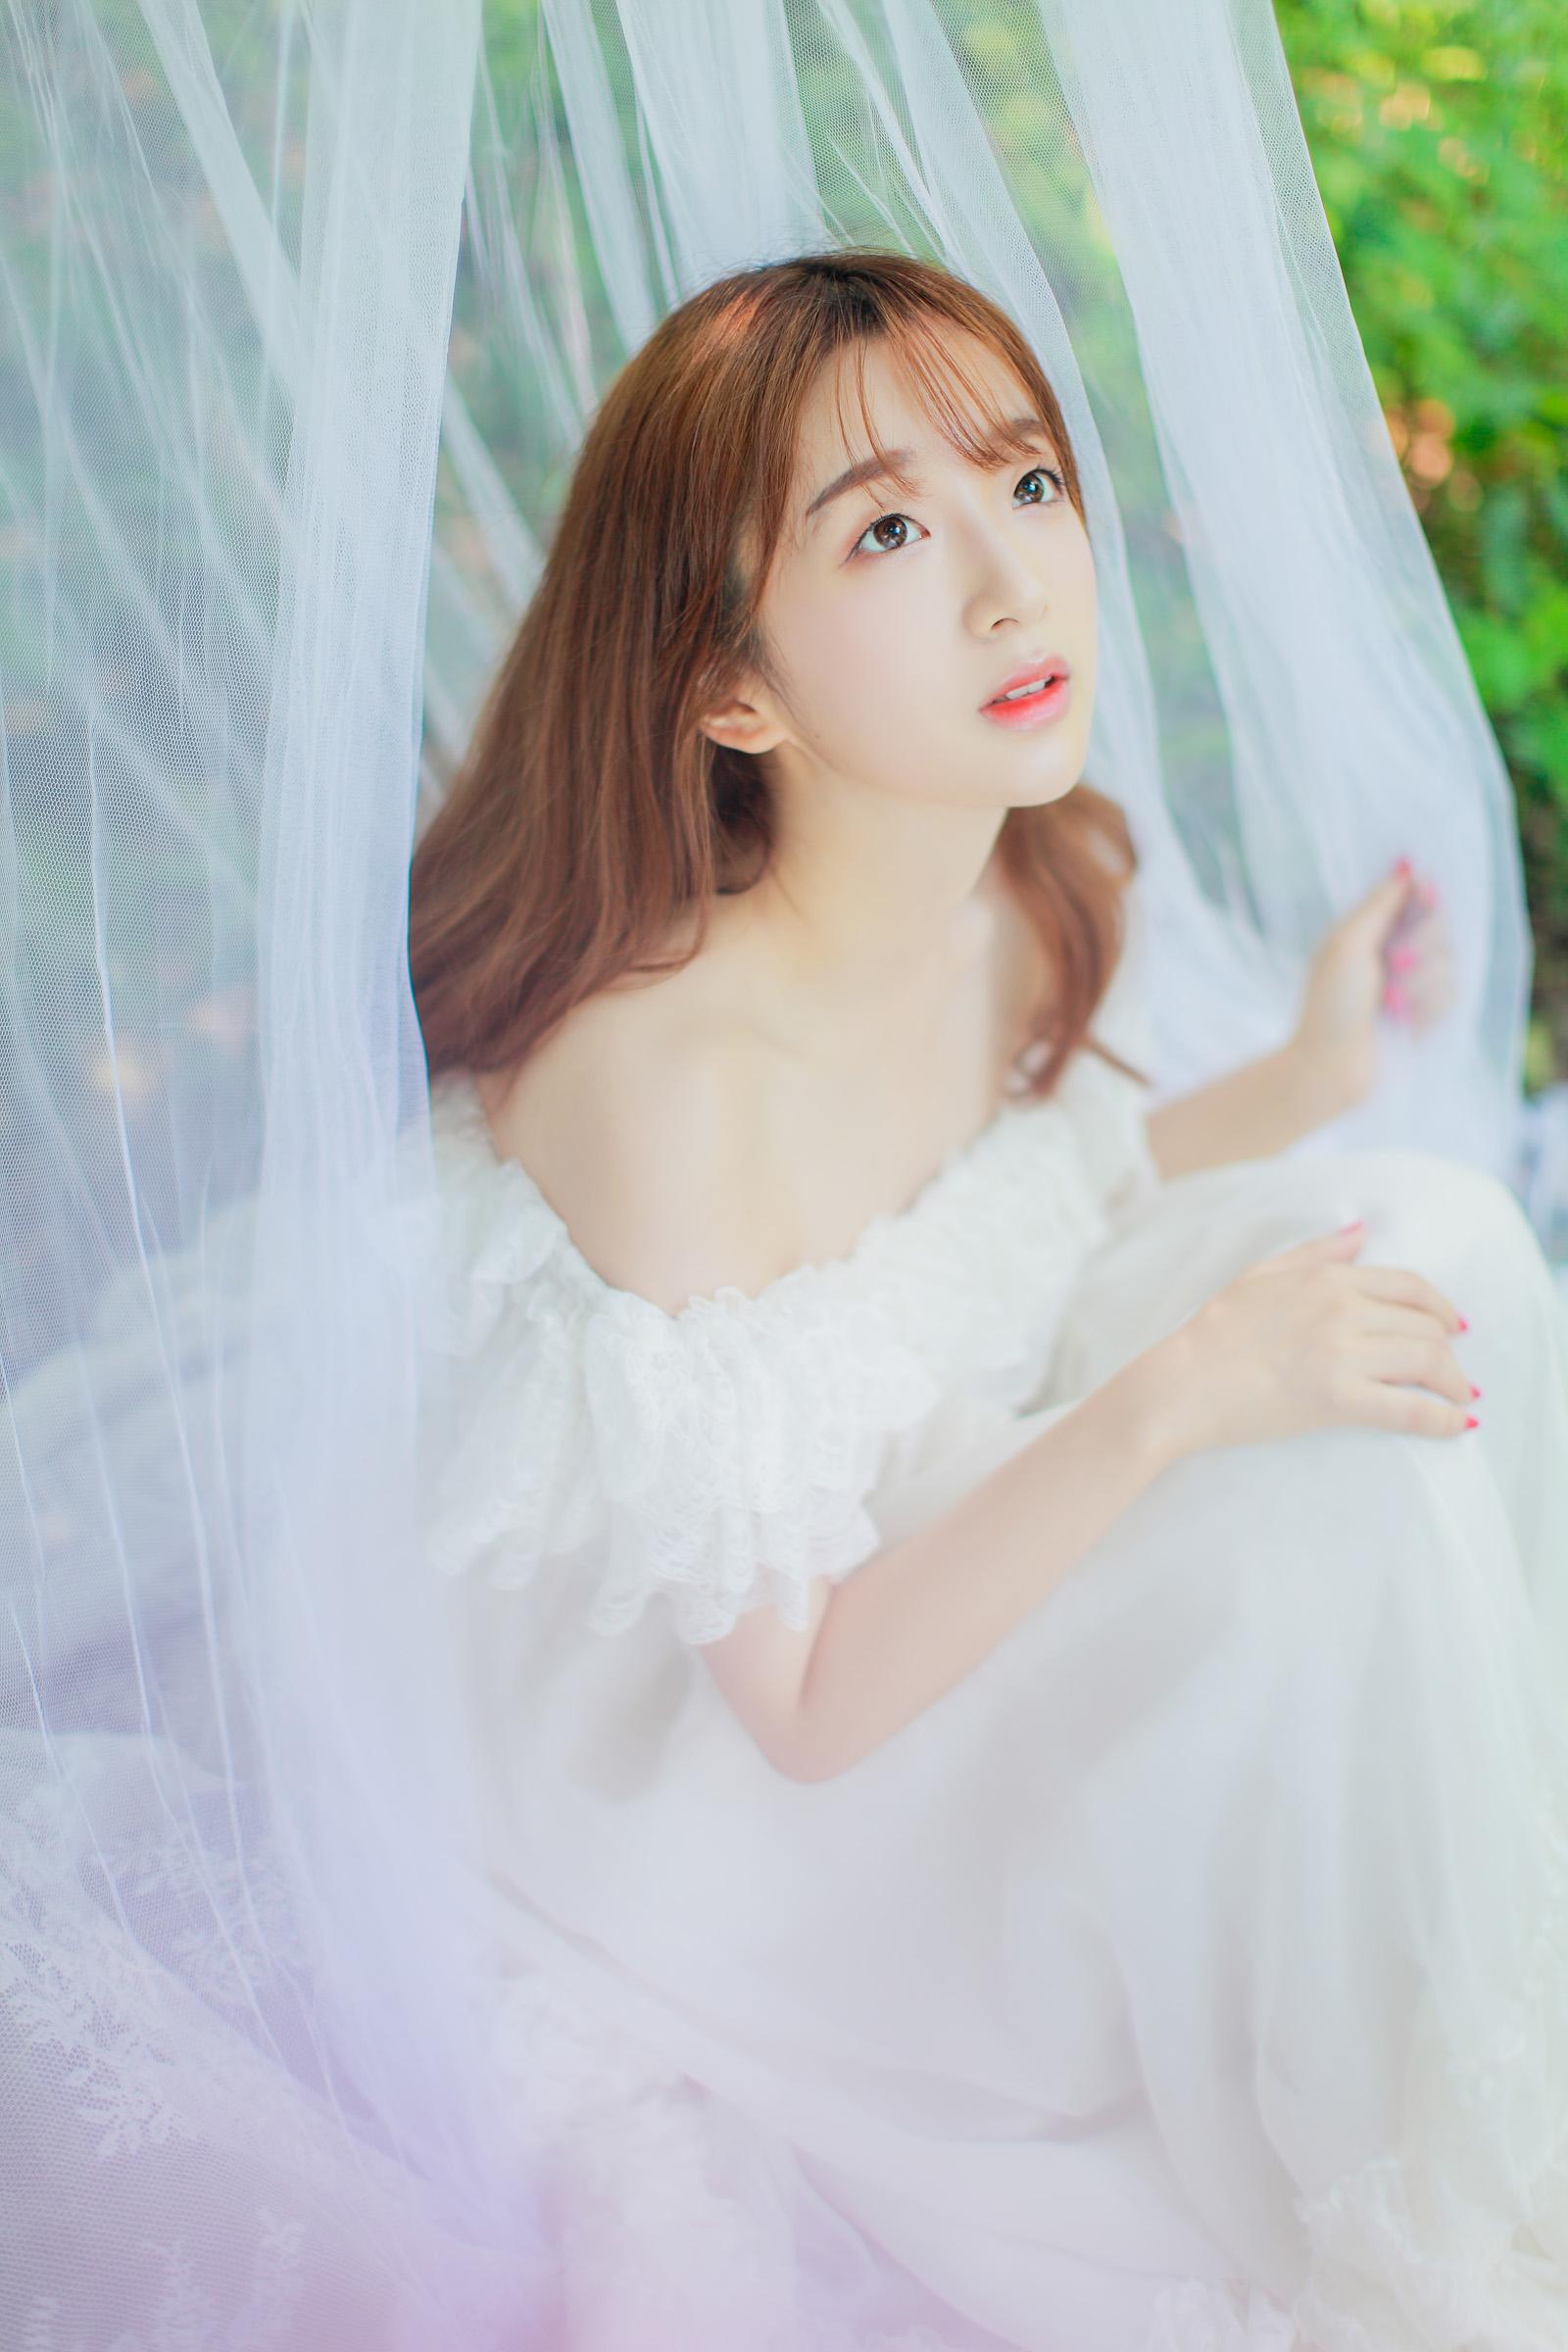 【人像摄影】梦里花开花落 -  花仙子  -  花仙子的博客.